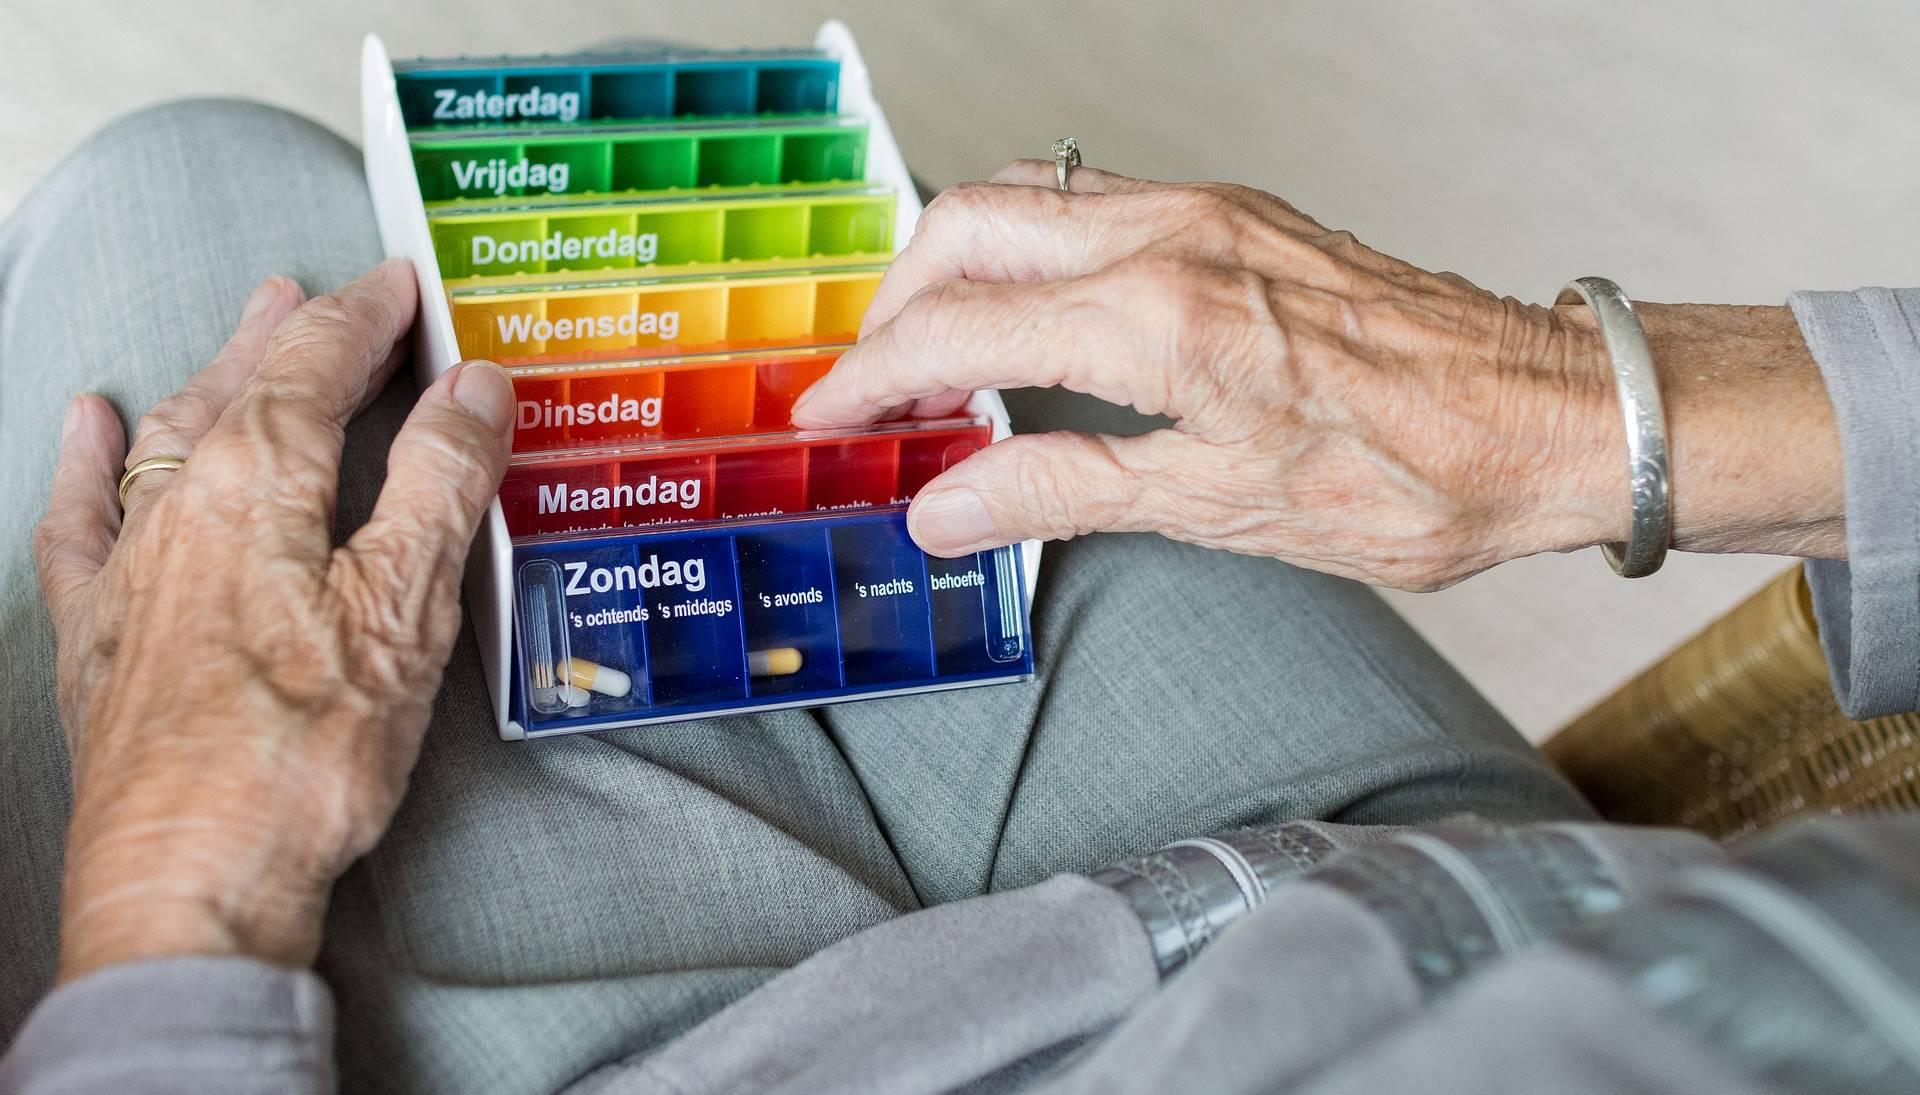 Tot 2040 'explosieve groei' dementie, parkinson en beroerte verwacht